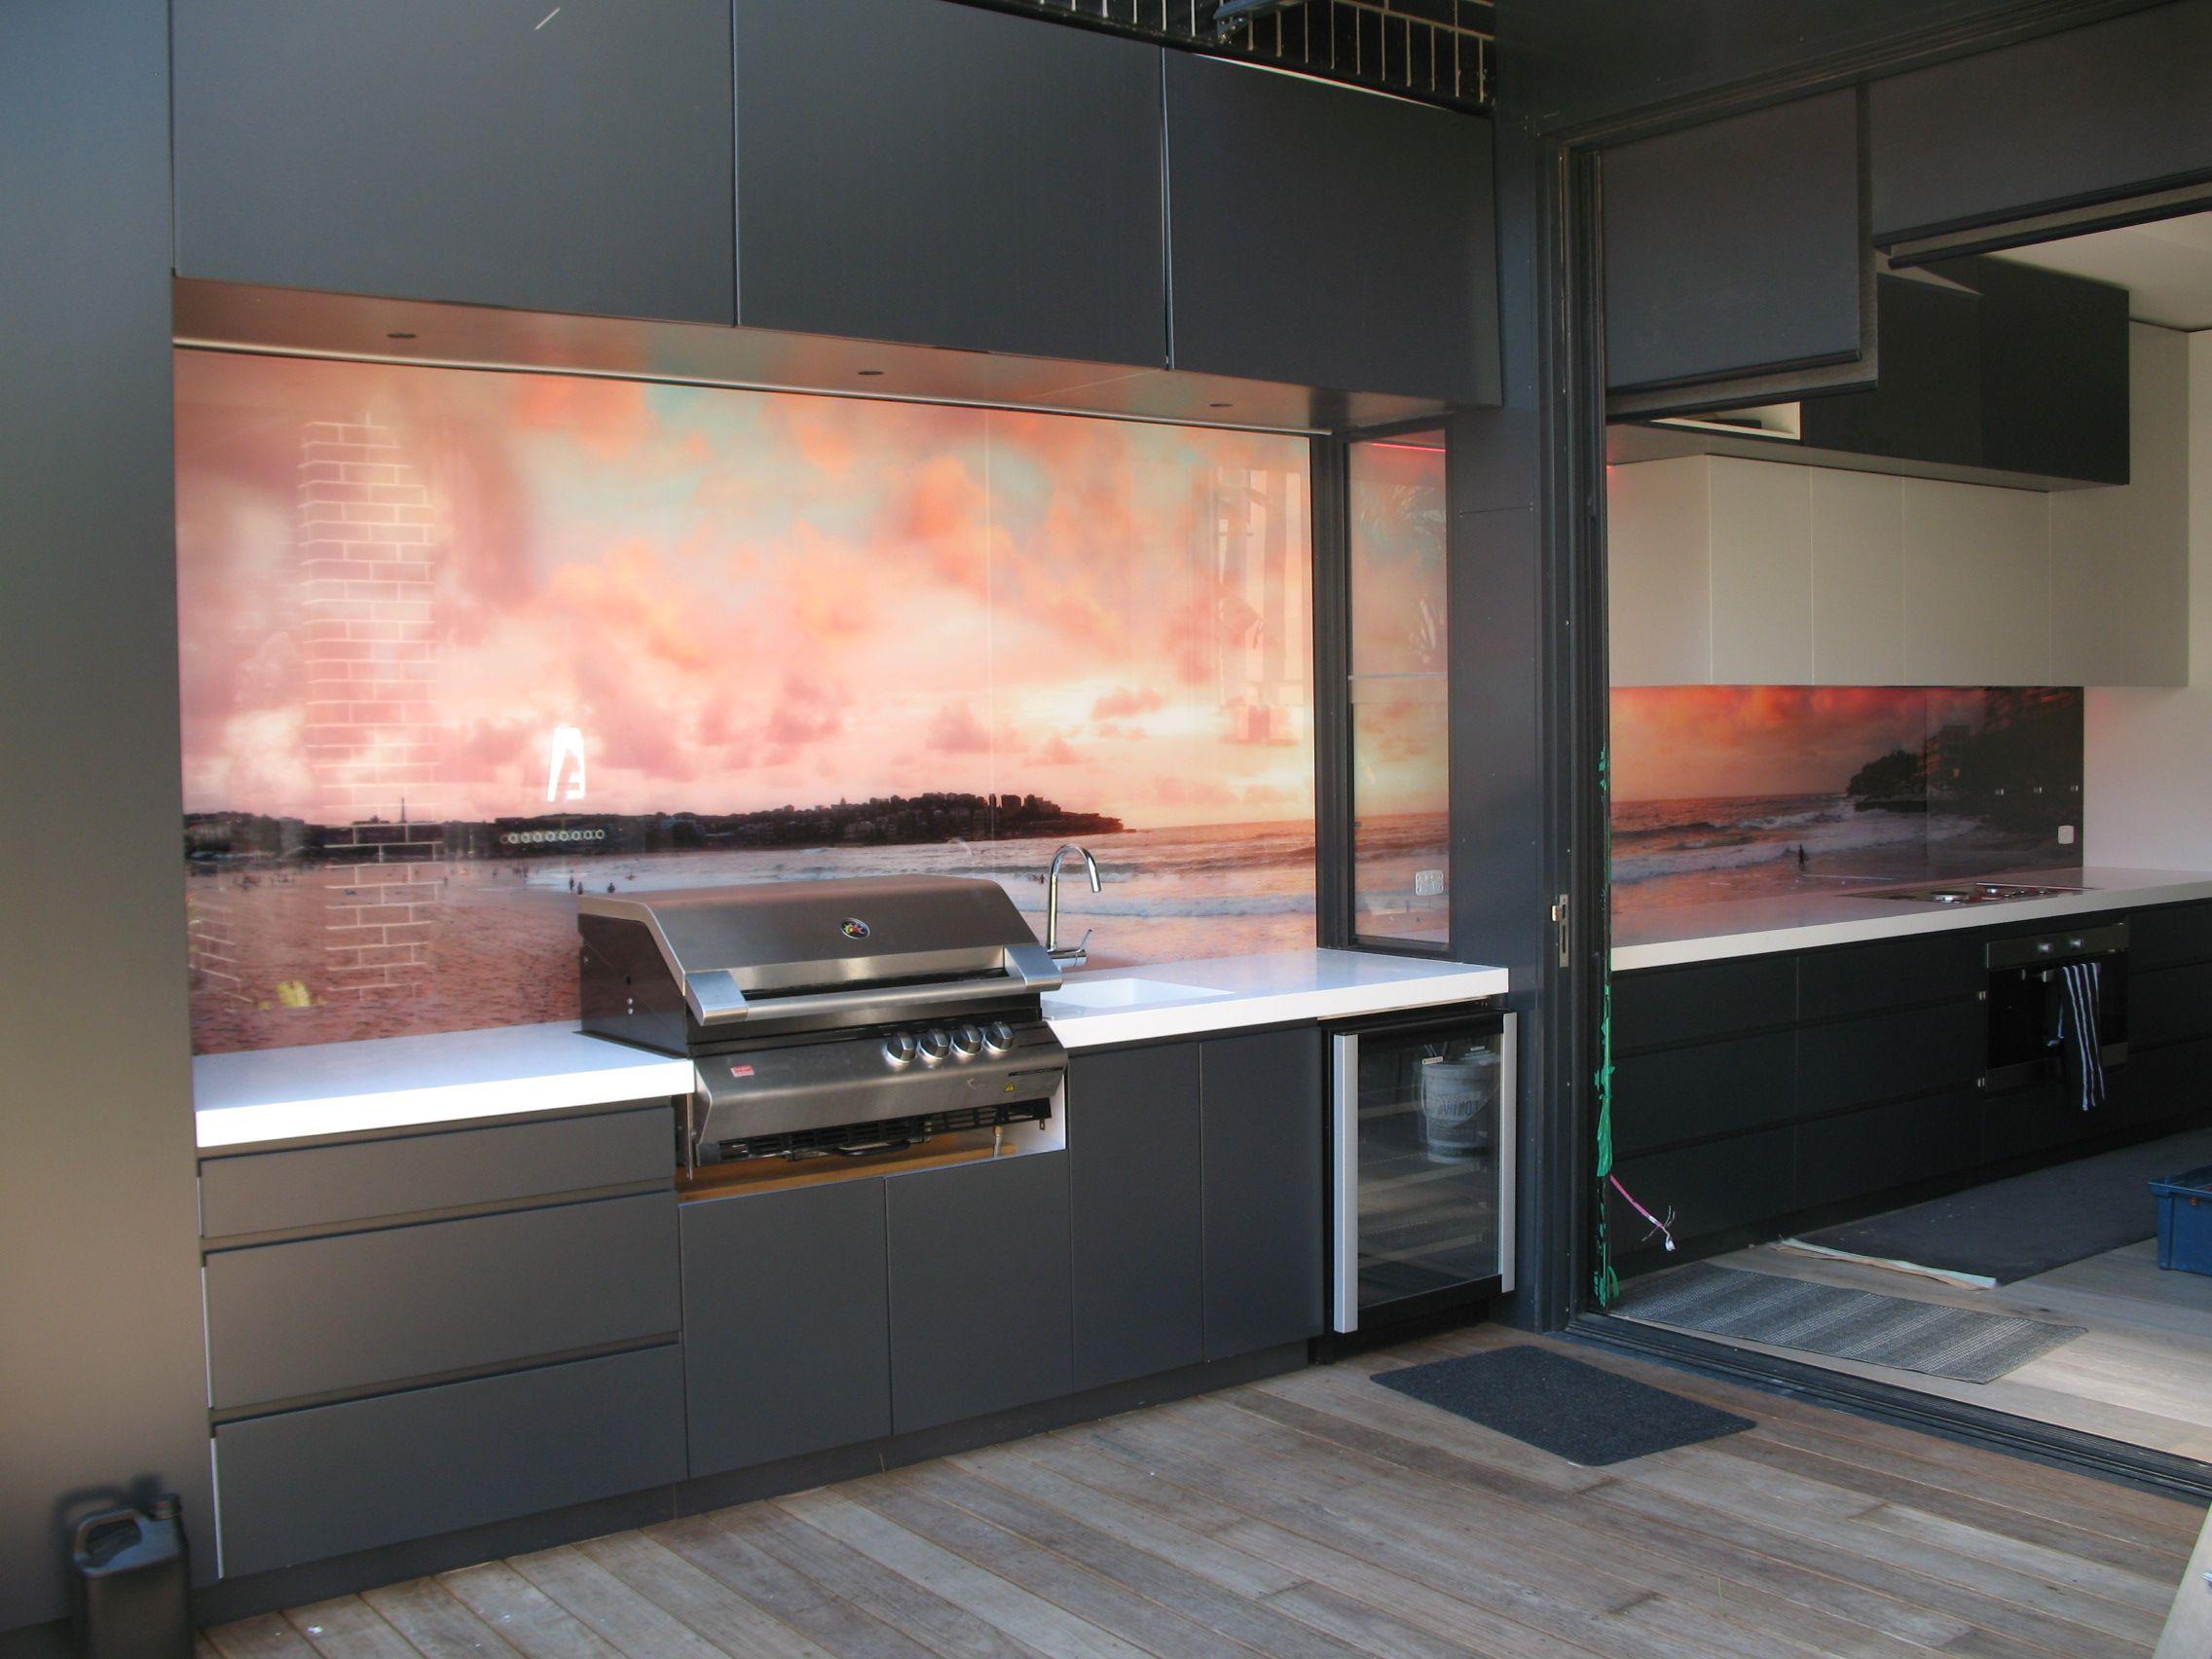 Impression Series Project Decoglaze Kitchen Renovation Inspiration Glass Splashback Gazebo On Deck